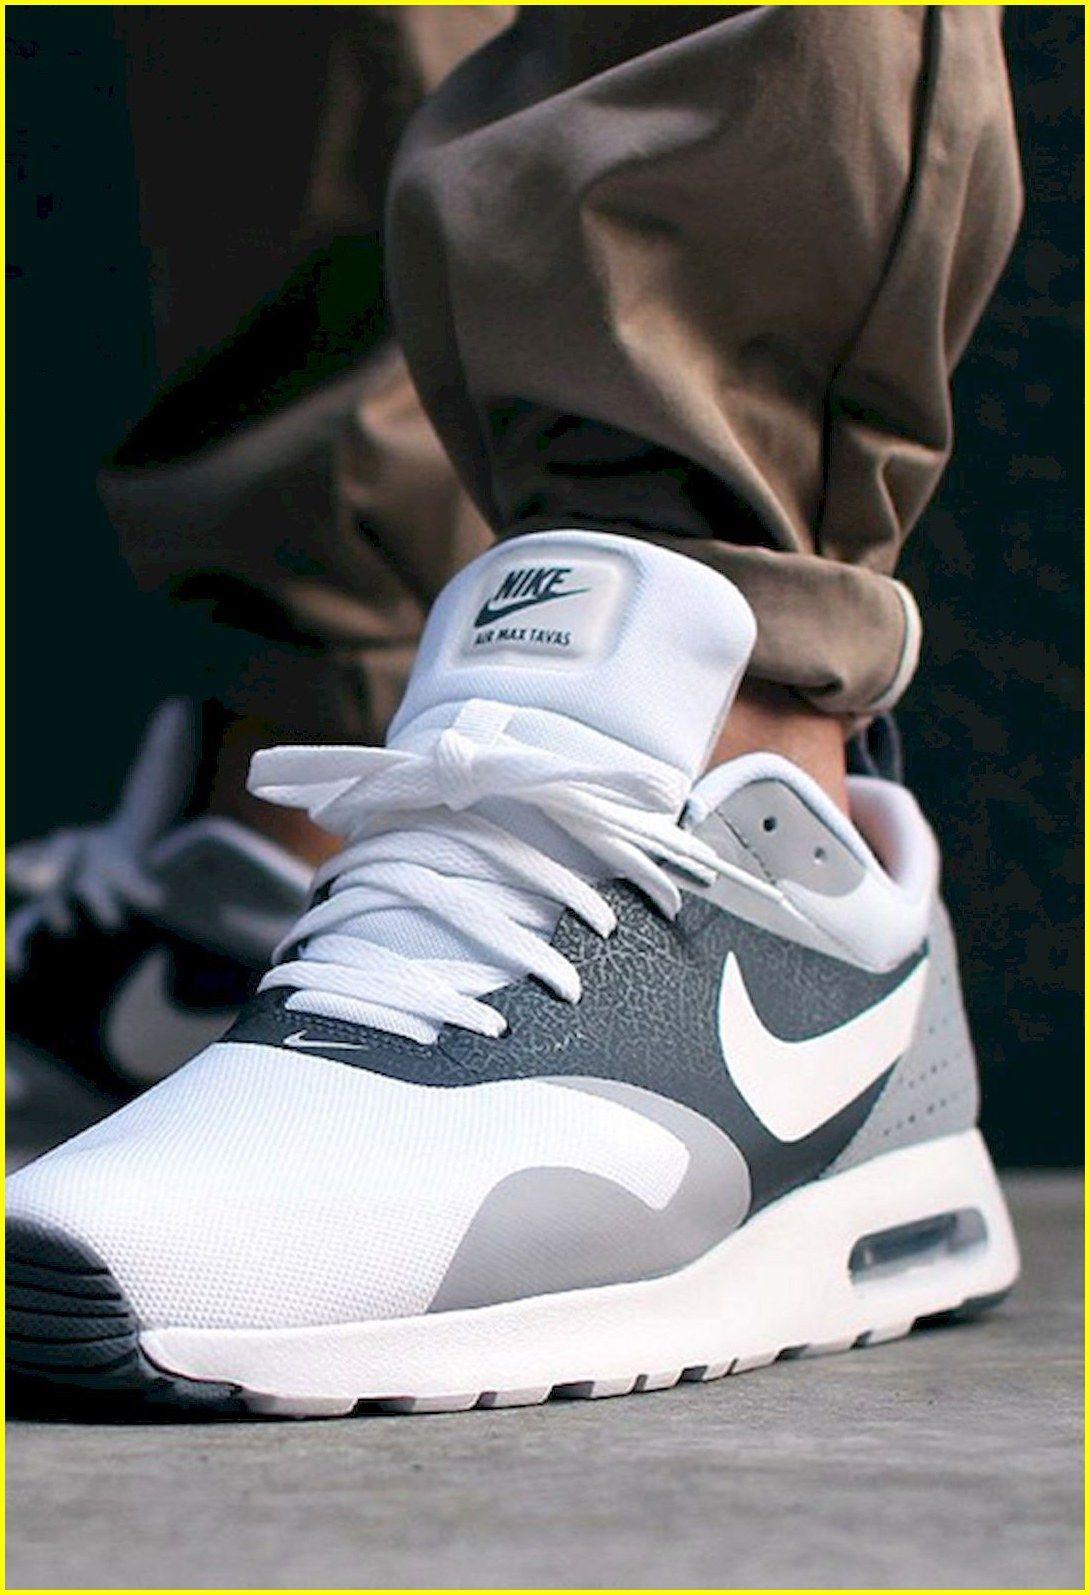 Amazing Sneakers N Stuff #sneakershoes in 2020   Running